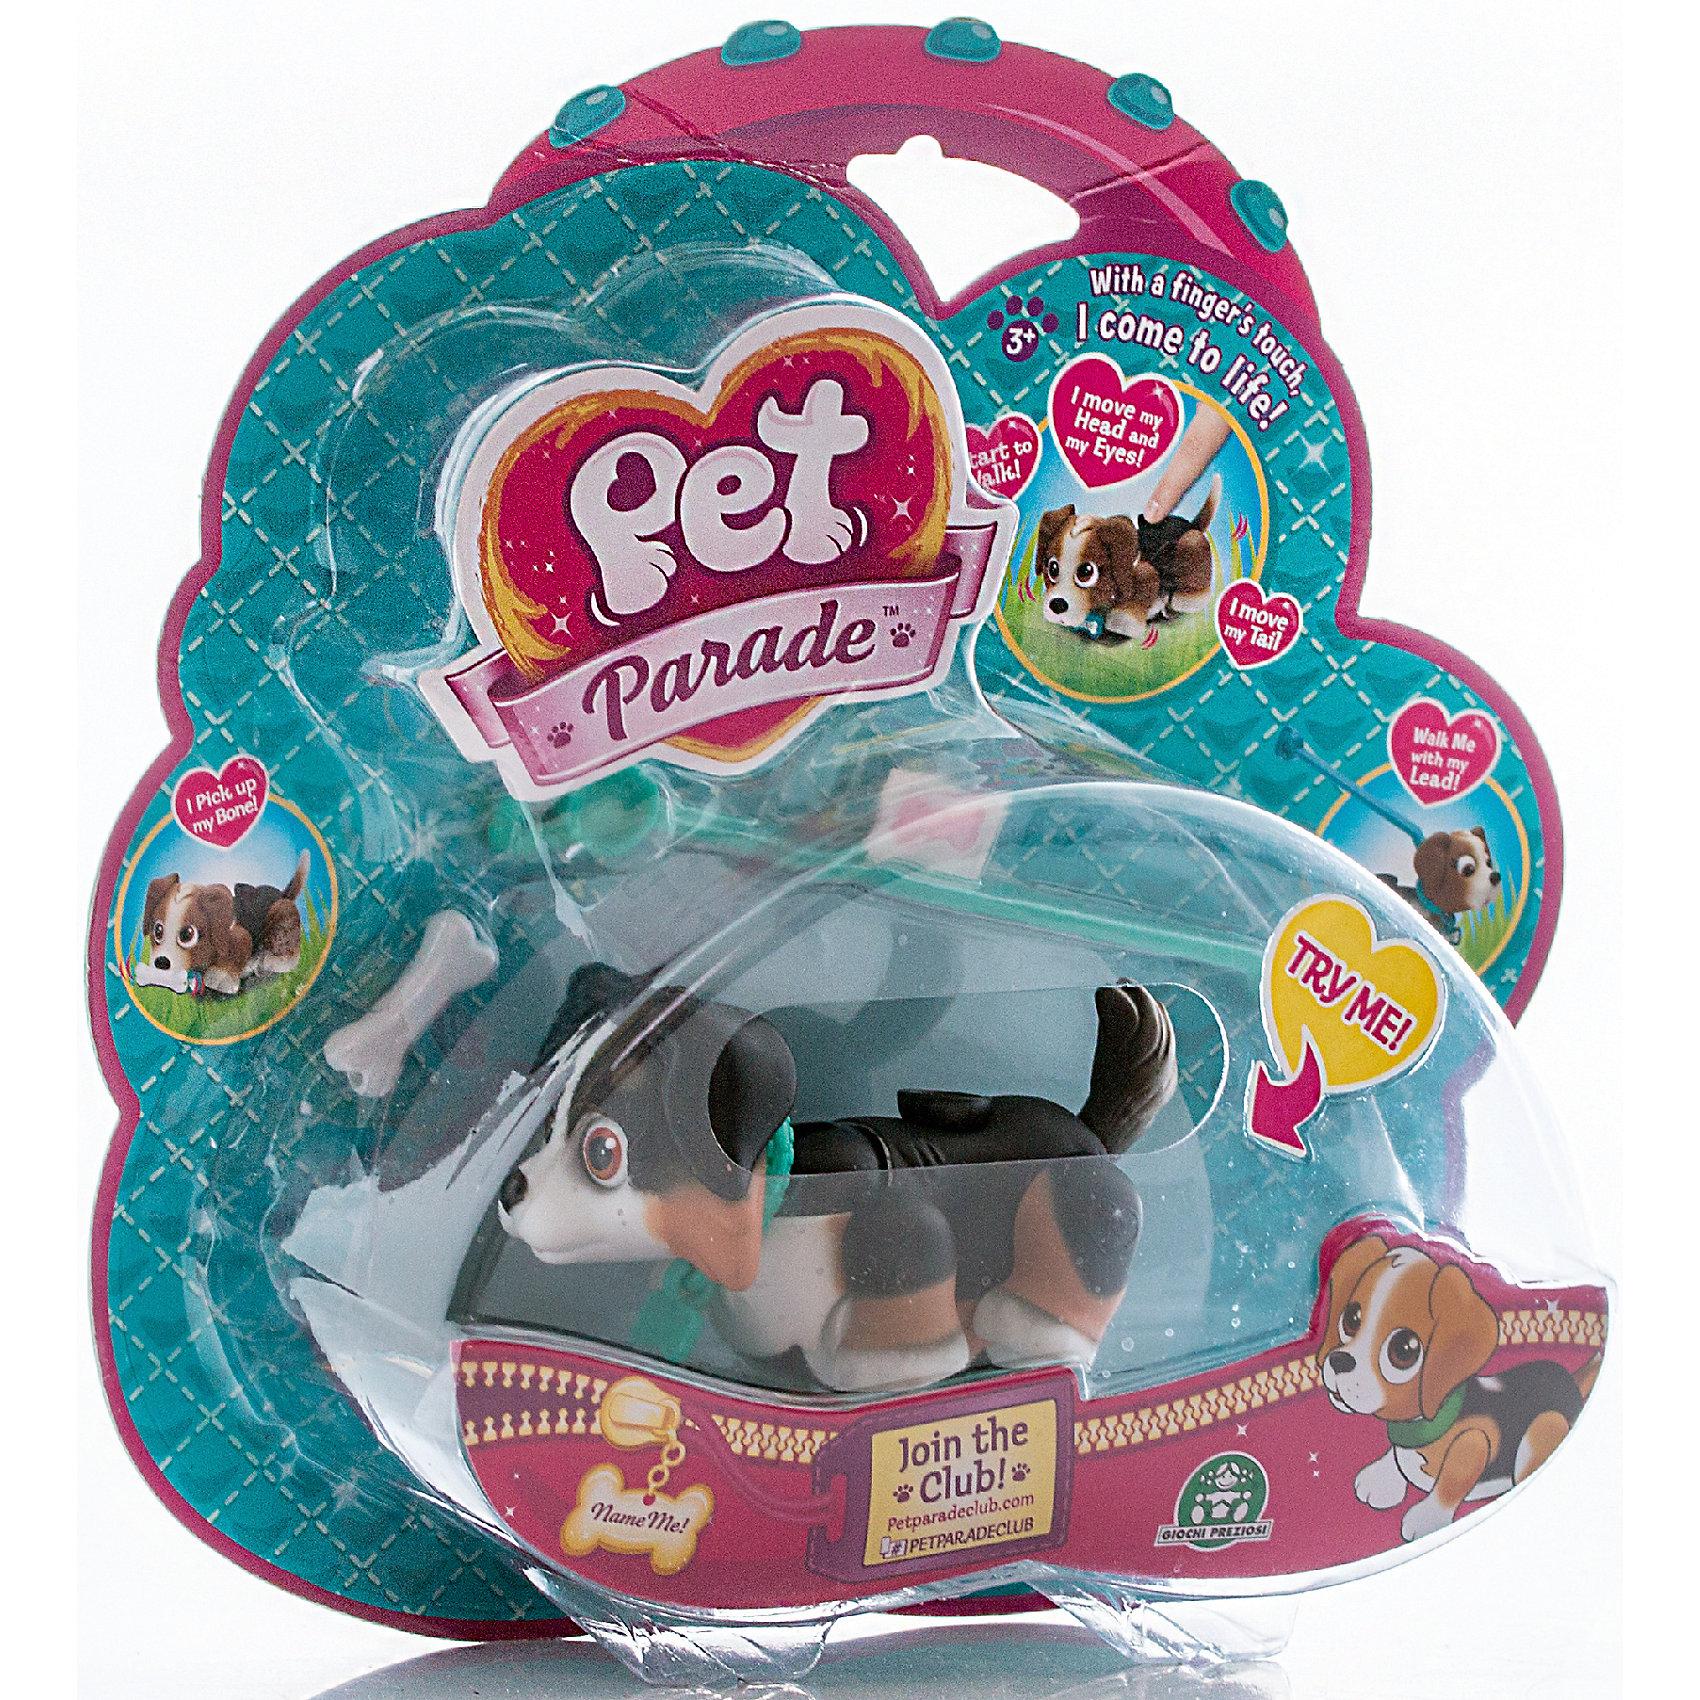 Фигурка собачки в комплекте с косточкой и поводком, Pet Club ParadeЛюбимые герои<br>Фигурка собачки в комплекте с косточкой и поводком, ассортимент, Pet Club Parade(Пет Клаб Парейд).<br><br>Характеристики:<br><br>• Размер упаковки: 22х6х21 см.<br>• Вес:160г.<br>• В комплекте: фигурка собачки, косточки, поводок, наклейка на ошейник, буклет.<br><br>Щенки Pet Club Parade (Пет Клаб Парад) забавно двигают лапками при ходьбе. При желании, можно присоединить специальный поводок розового или голубого цвета к ошейнику. На спинке расположен джойстик, с помощью которого можно управлять головой, хвостиком и глазами.<br>Внутри фигурки  встроен магнит, благодаря чему, щенок может подбирать и следовать за своей косточкой. Игрушка работает без батареек!<br>На ошейнике собачки есть бирка в виде косточки, на которую можно приклеить стикер с именем своего любимца. Такая собачка, безусловно, станет желанным подарком для маленьких любителей домашних животных!<br><br>Фигурку собачки в комплекте с косточкой и поводком, ассортимент, Pet Club Parade(Пет Клаб Парейд), можно купить в нашем интернет – магазине.<br><br>Ширина мм: 220<br>Глубина мм: 210<br>Высота мм: 60<br>Вес г: 153<br>Возраст от месяцев: 36<br>Возраст до месяцев: 2147483647<br>Пол: Женский<br>Возраст: Детский<br>SKU: 5185767